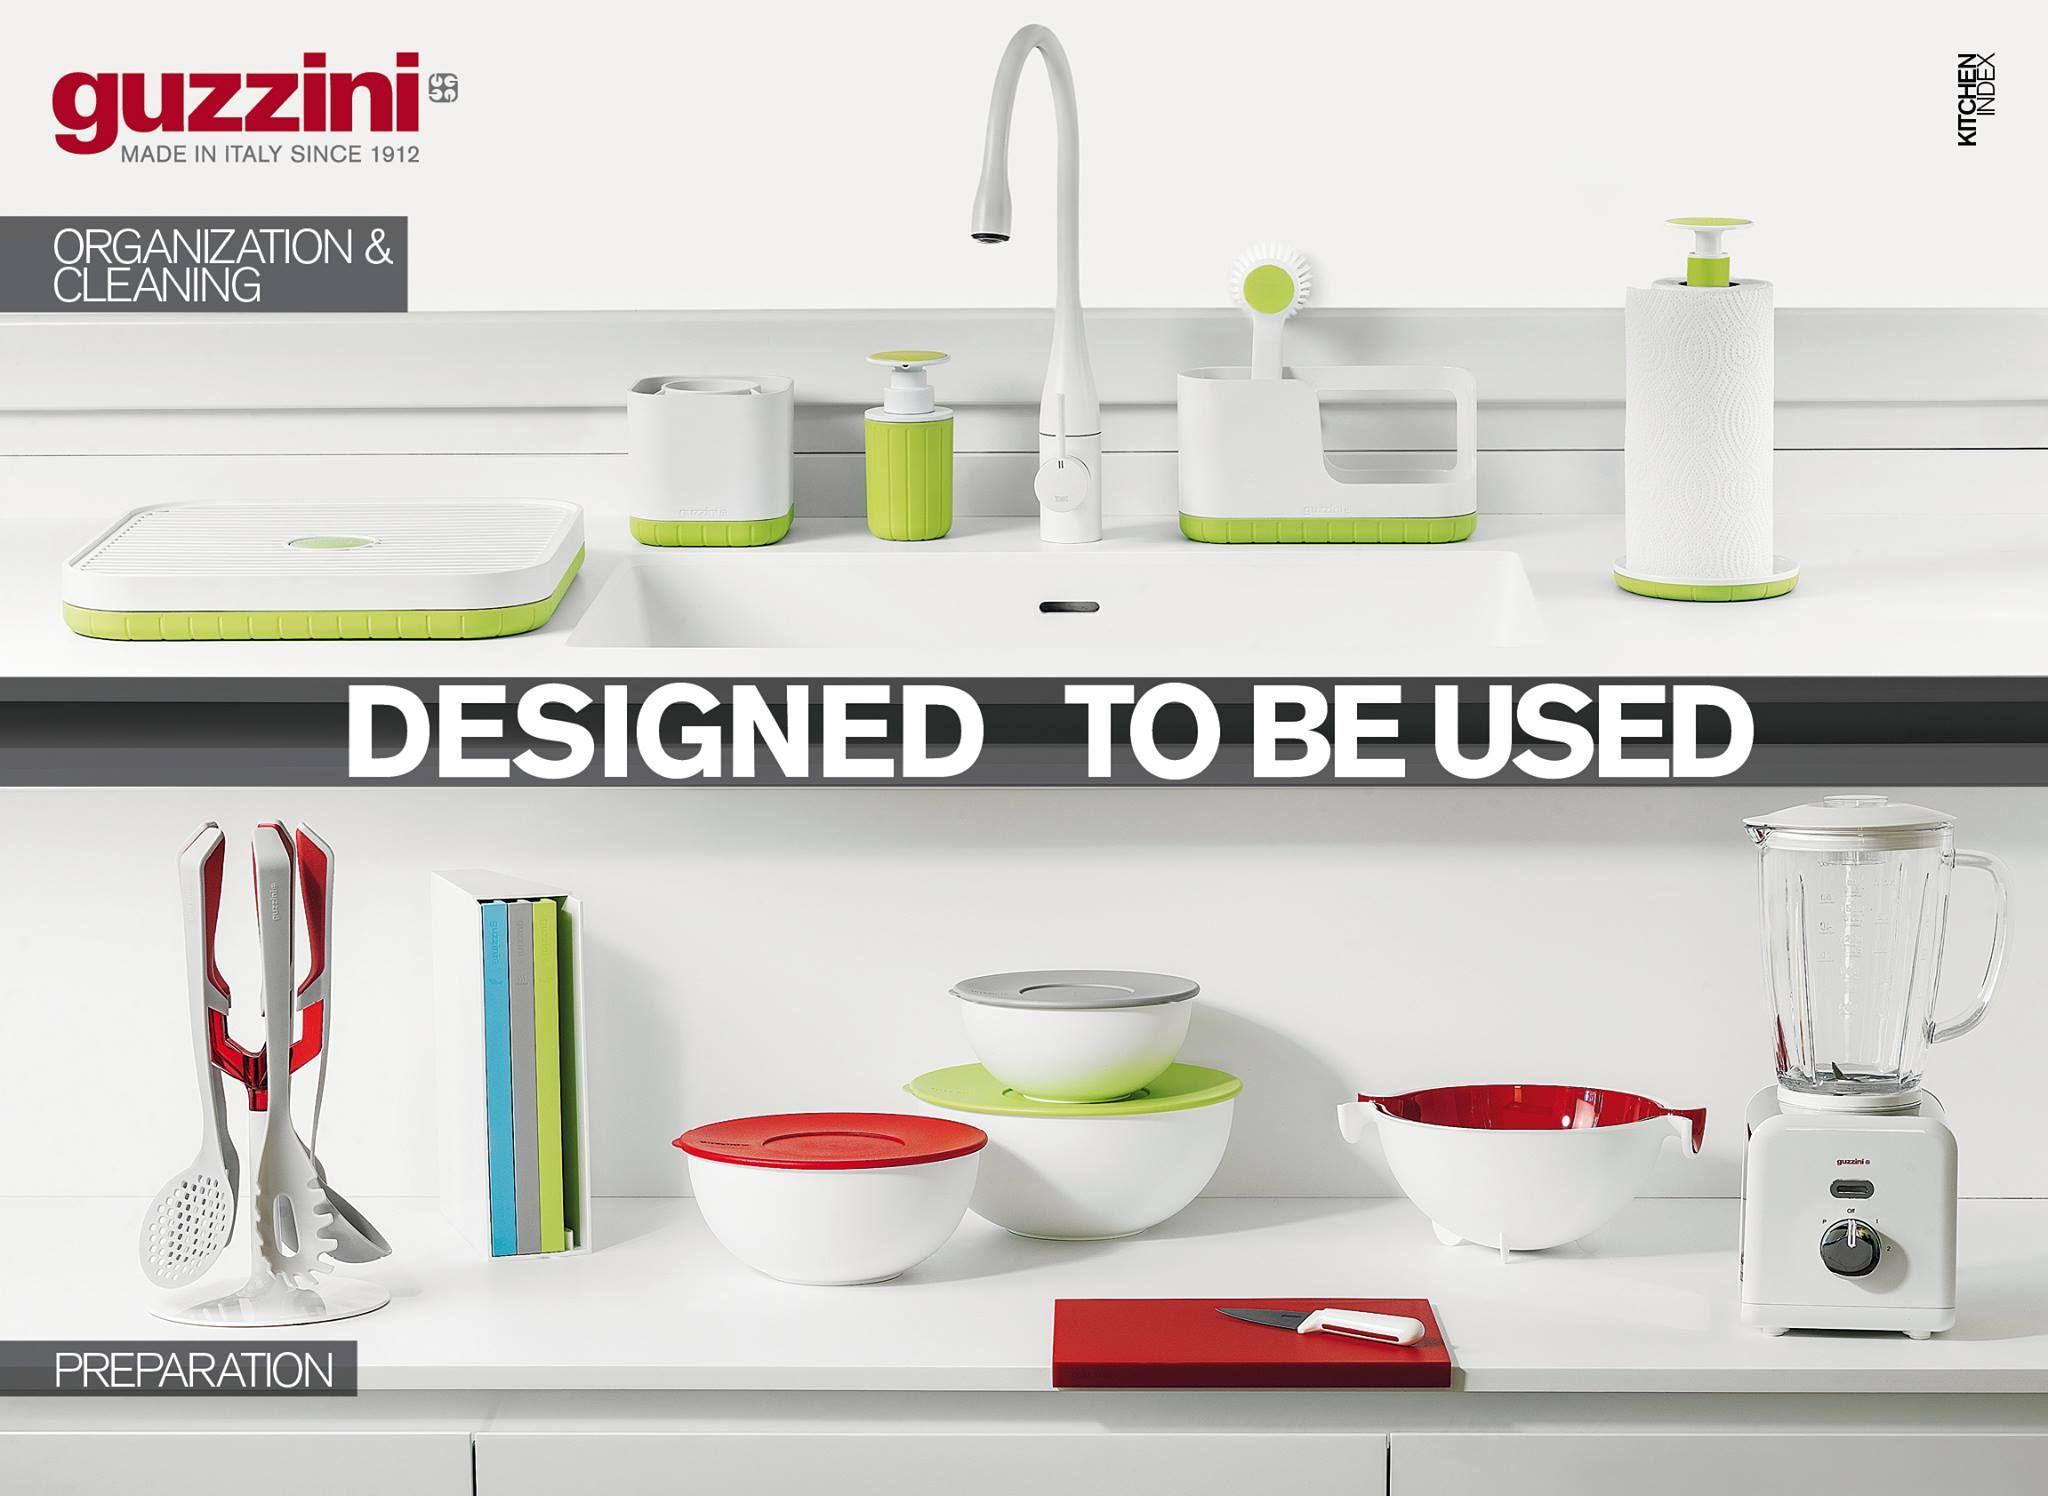 My Kitchen è la linea Guzzini che promette di facilitare la ...